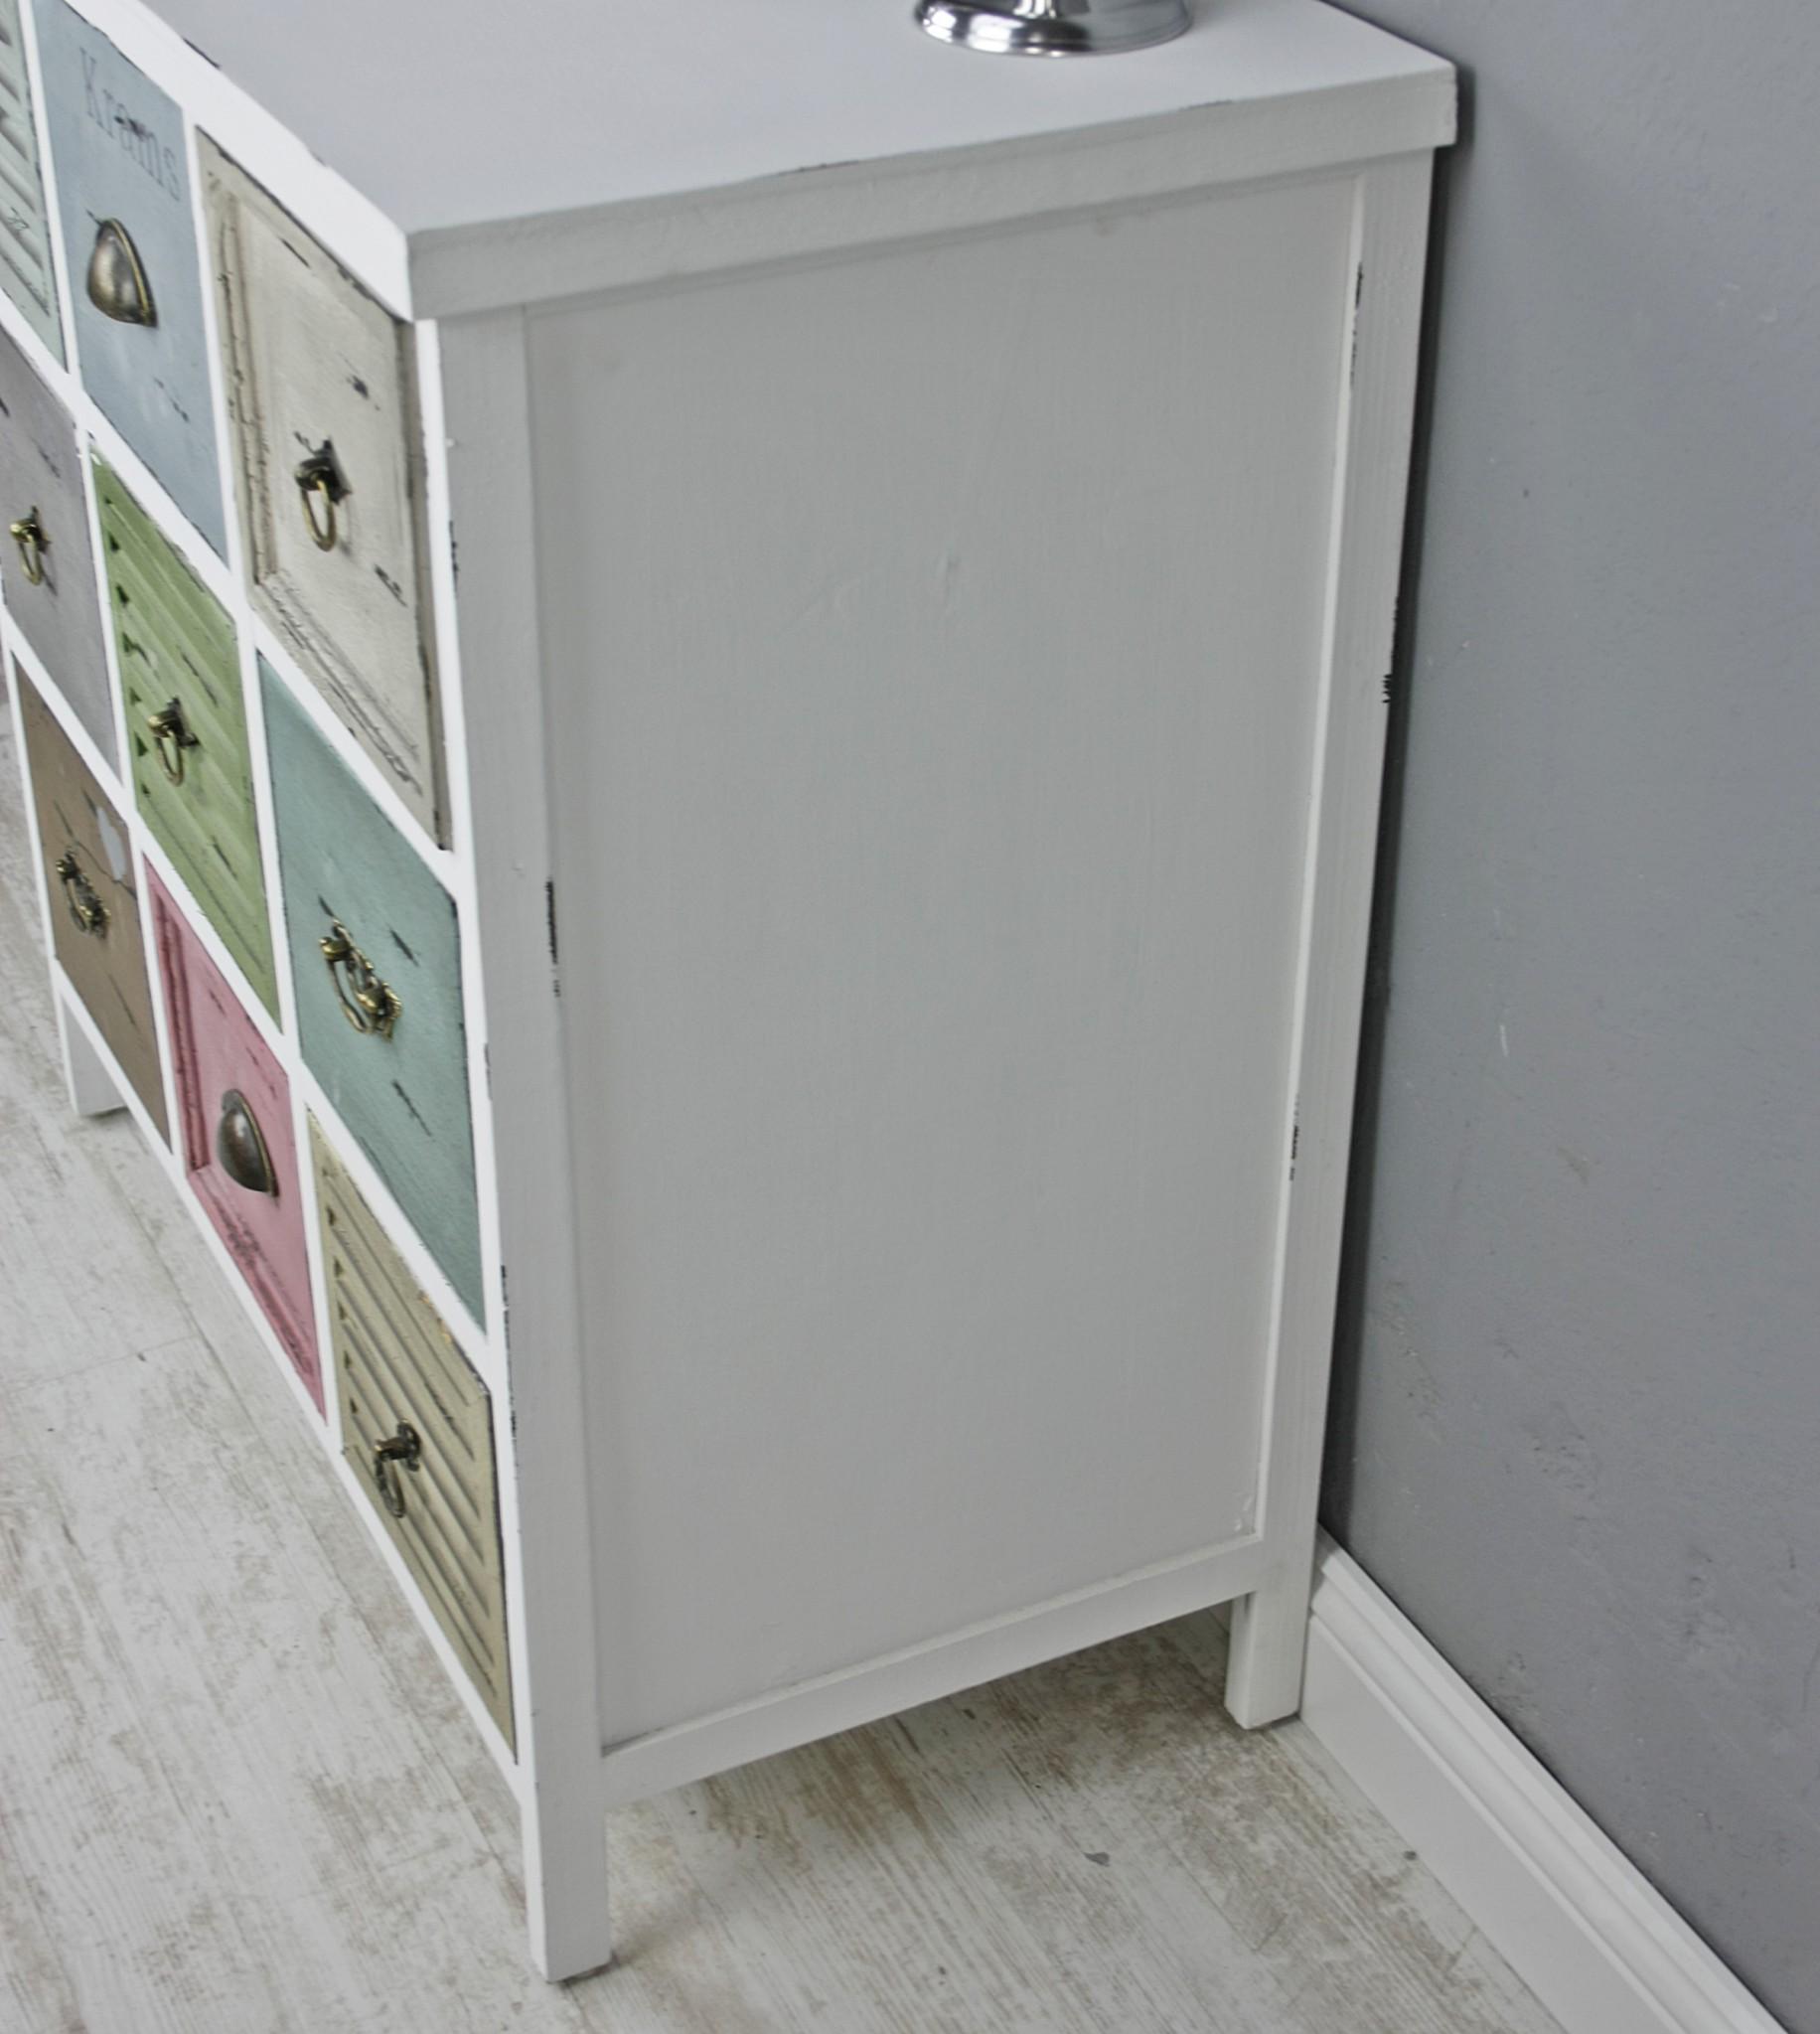 kommode schrank holz wei bunt antik landhaus shabby schubladen massiv 80x80x39 ebay. Black Bedroom Furniture Sets. Home Design Ideas